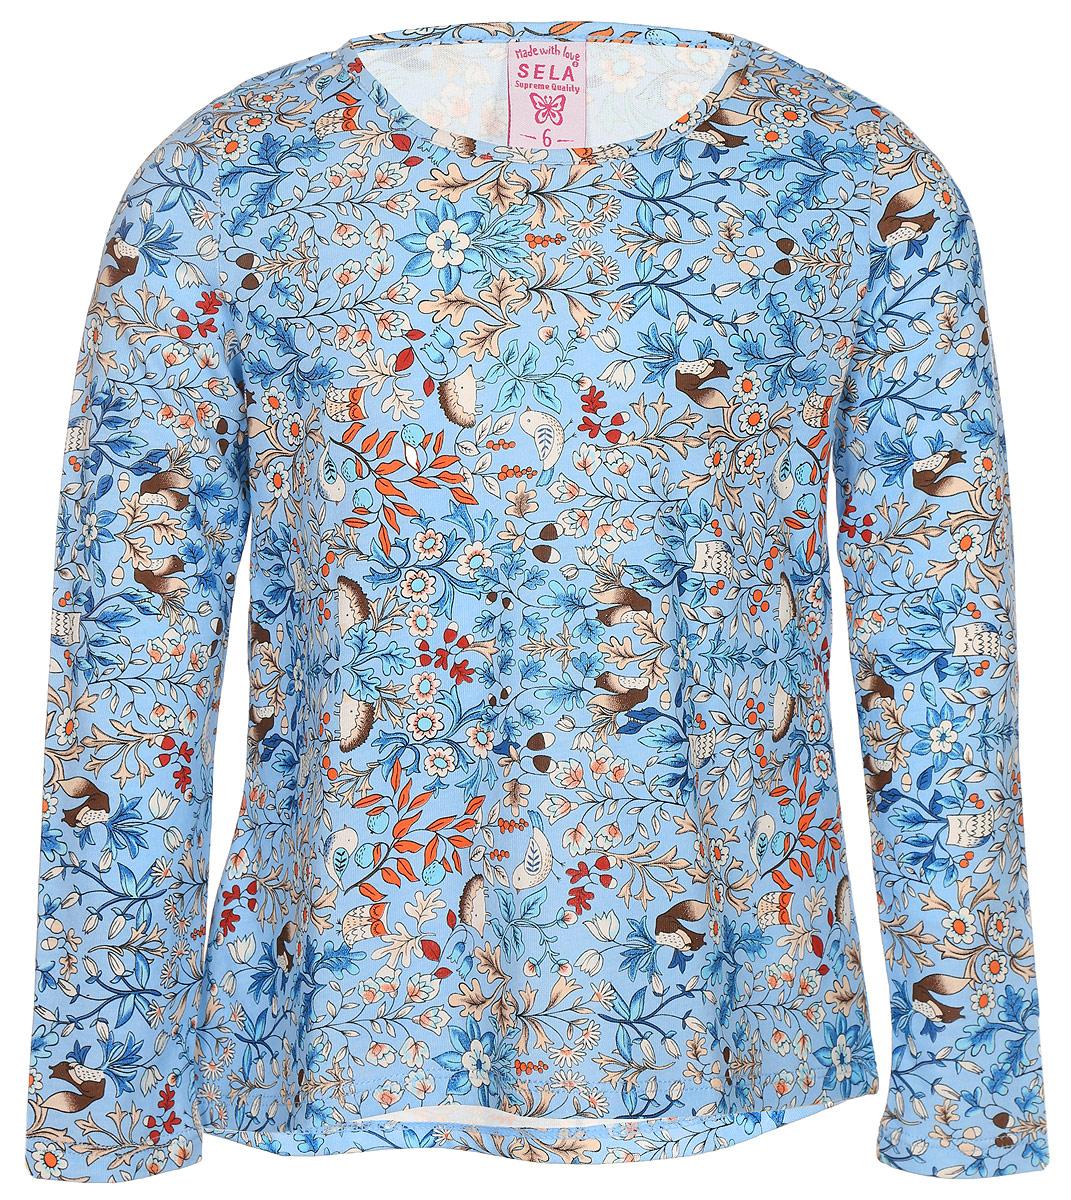 Джемпер для девочки Sela, цвет: голубой. T-511/433-7432. Размер 116, 6 летT-511/433-7432